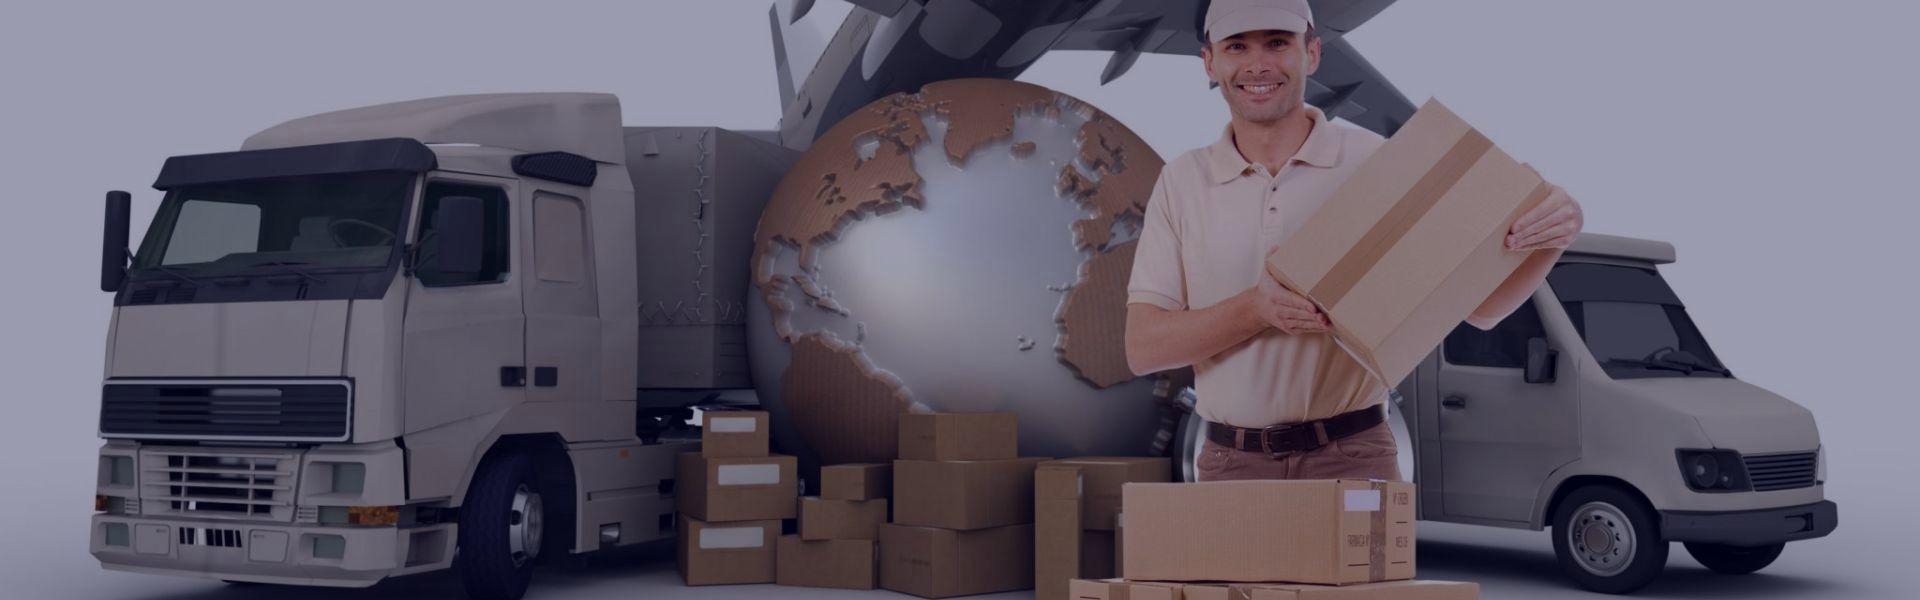 Legyenek bárhol a világon a vevői, mi gondoskodunk a forgalmazásról